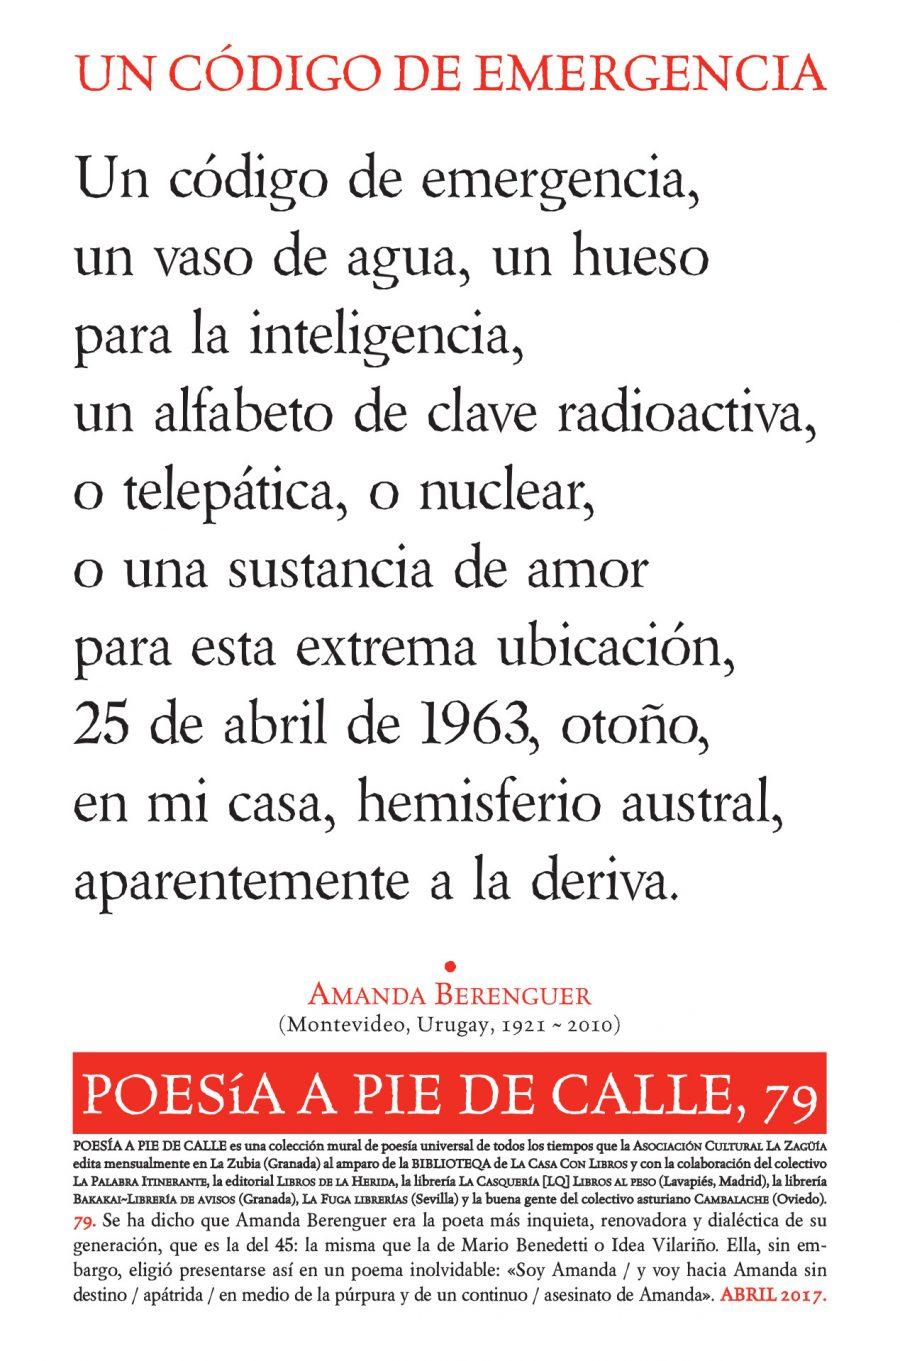 """POESÍA A PIE DE CALLE, 79: """"Un código de emergencia"""", de AMANDA BERENGUER"""